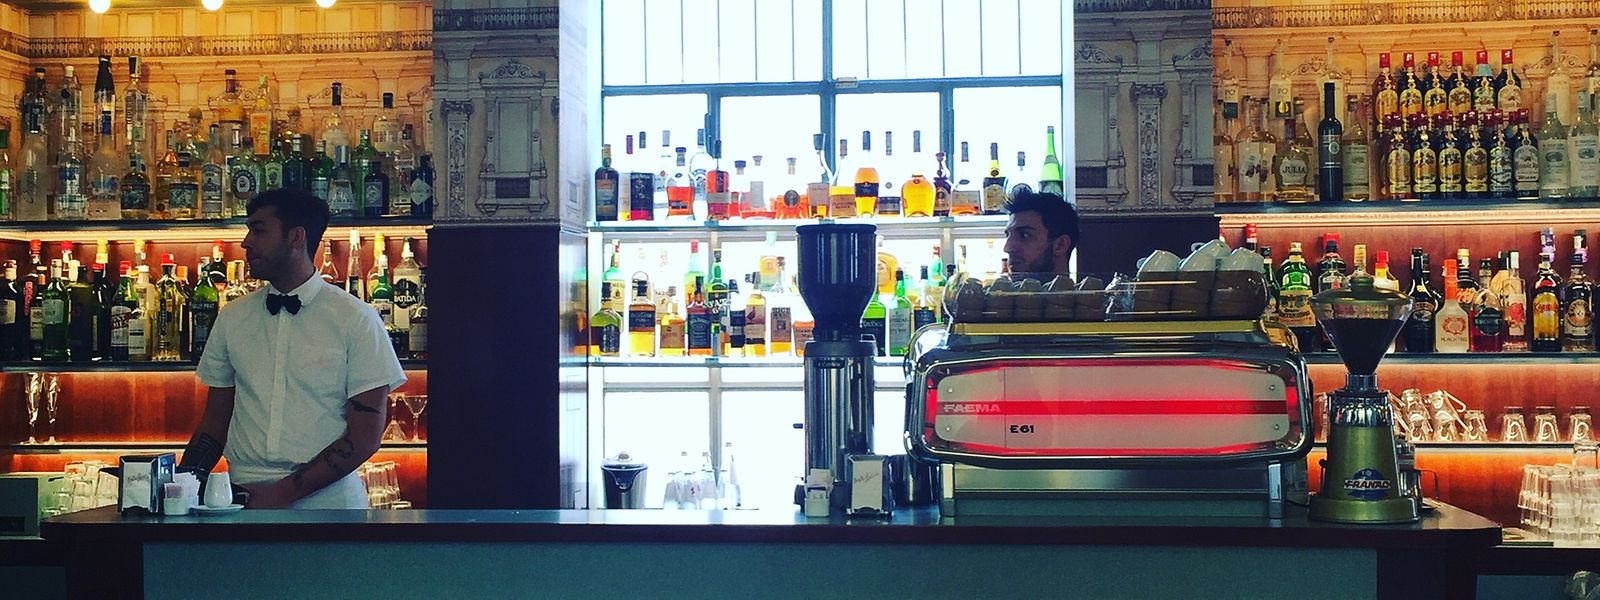 US-Filmregisseur Wes Anderson übernahm die Gestaltung der Bar Luce in der Fondazione Prada, die ihre Gäste zurück in die späten 1950er-Jahre führt.